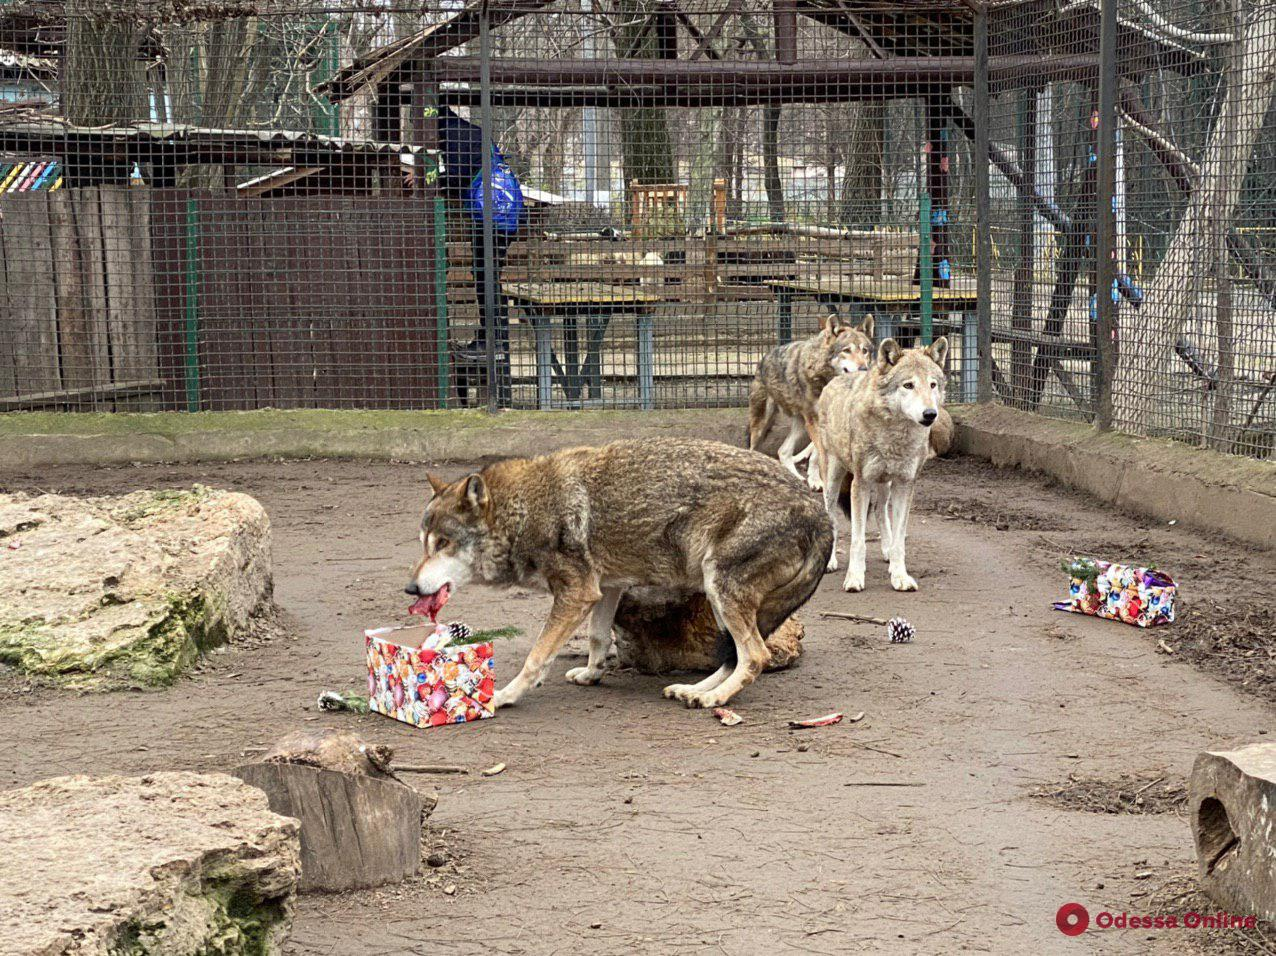 Дружелюбные кролики, ласковые зебры и любопытные мунтжаки: обитатели одесского зоопарка в преддверии Нового года